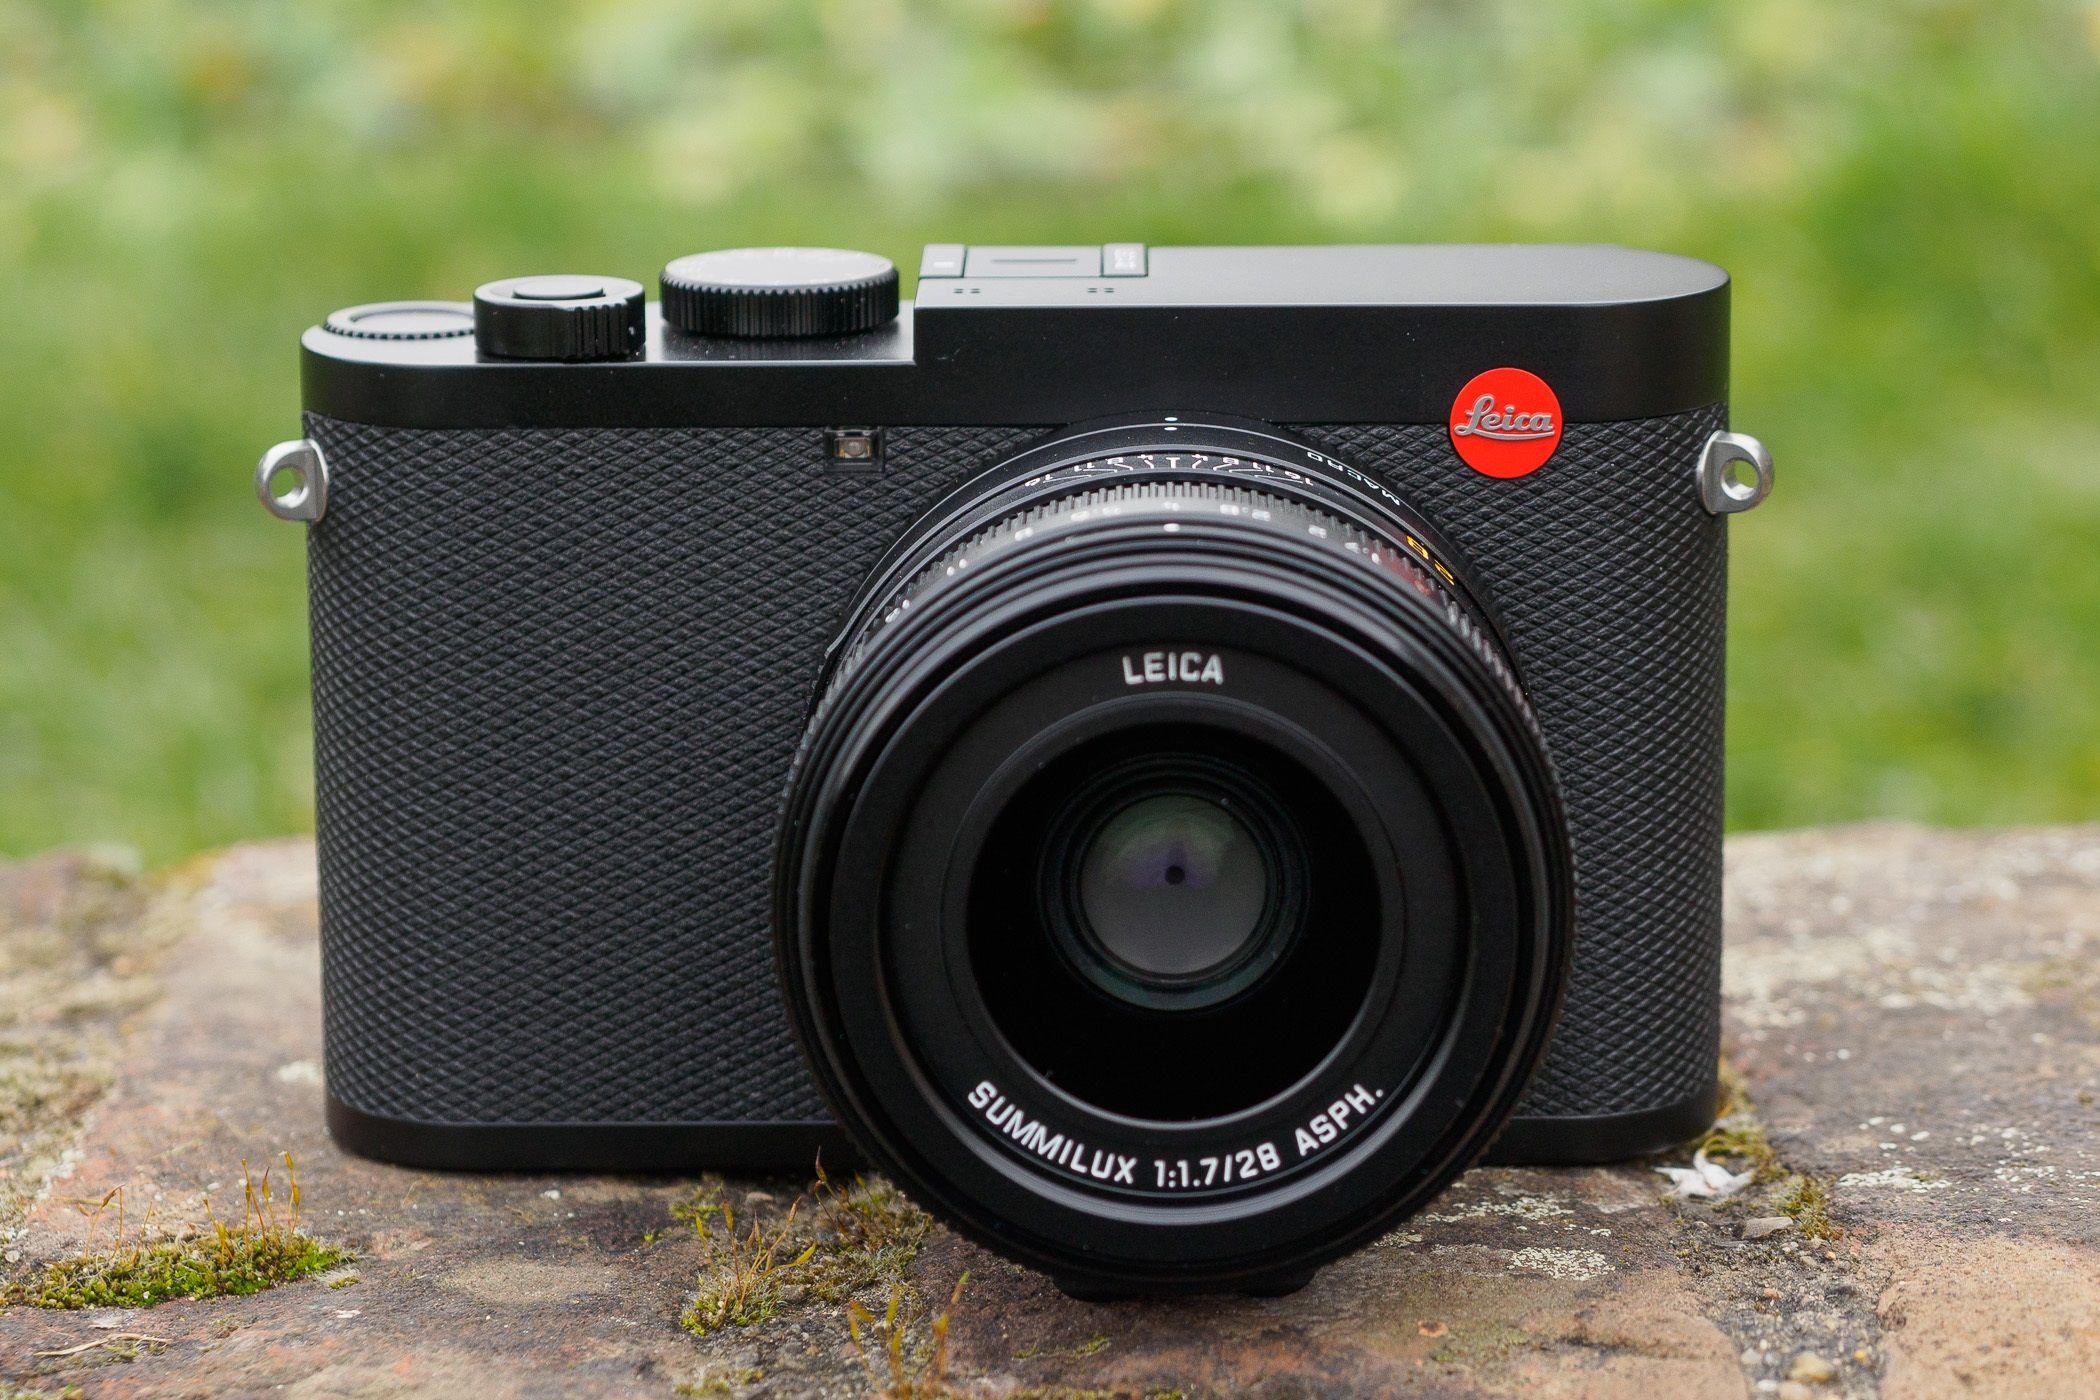 Leica Q2, compatta Full Frame da 28 mm | Trovaprezzi.it Magazine